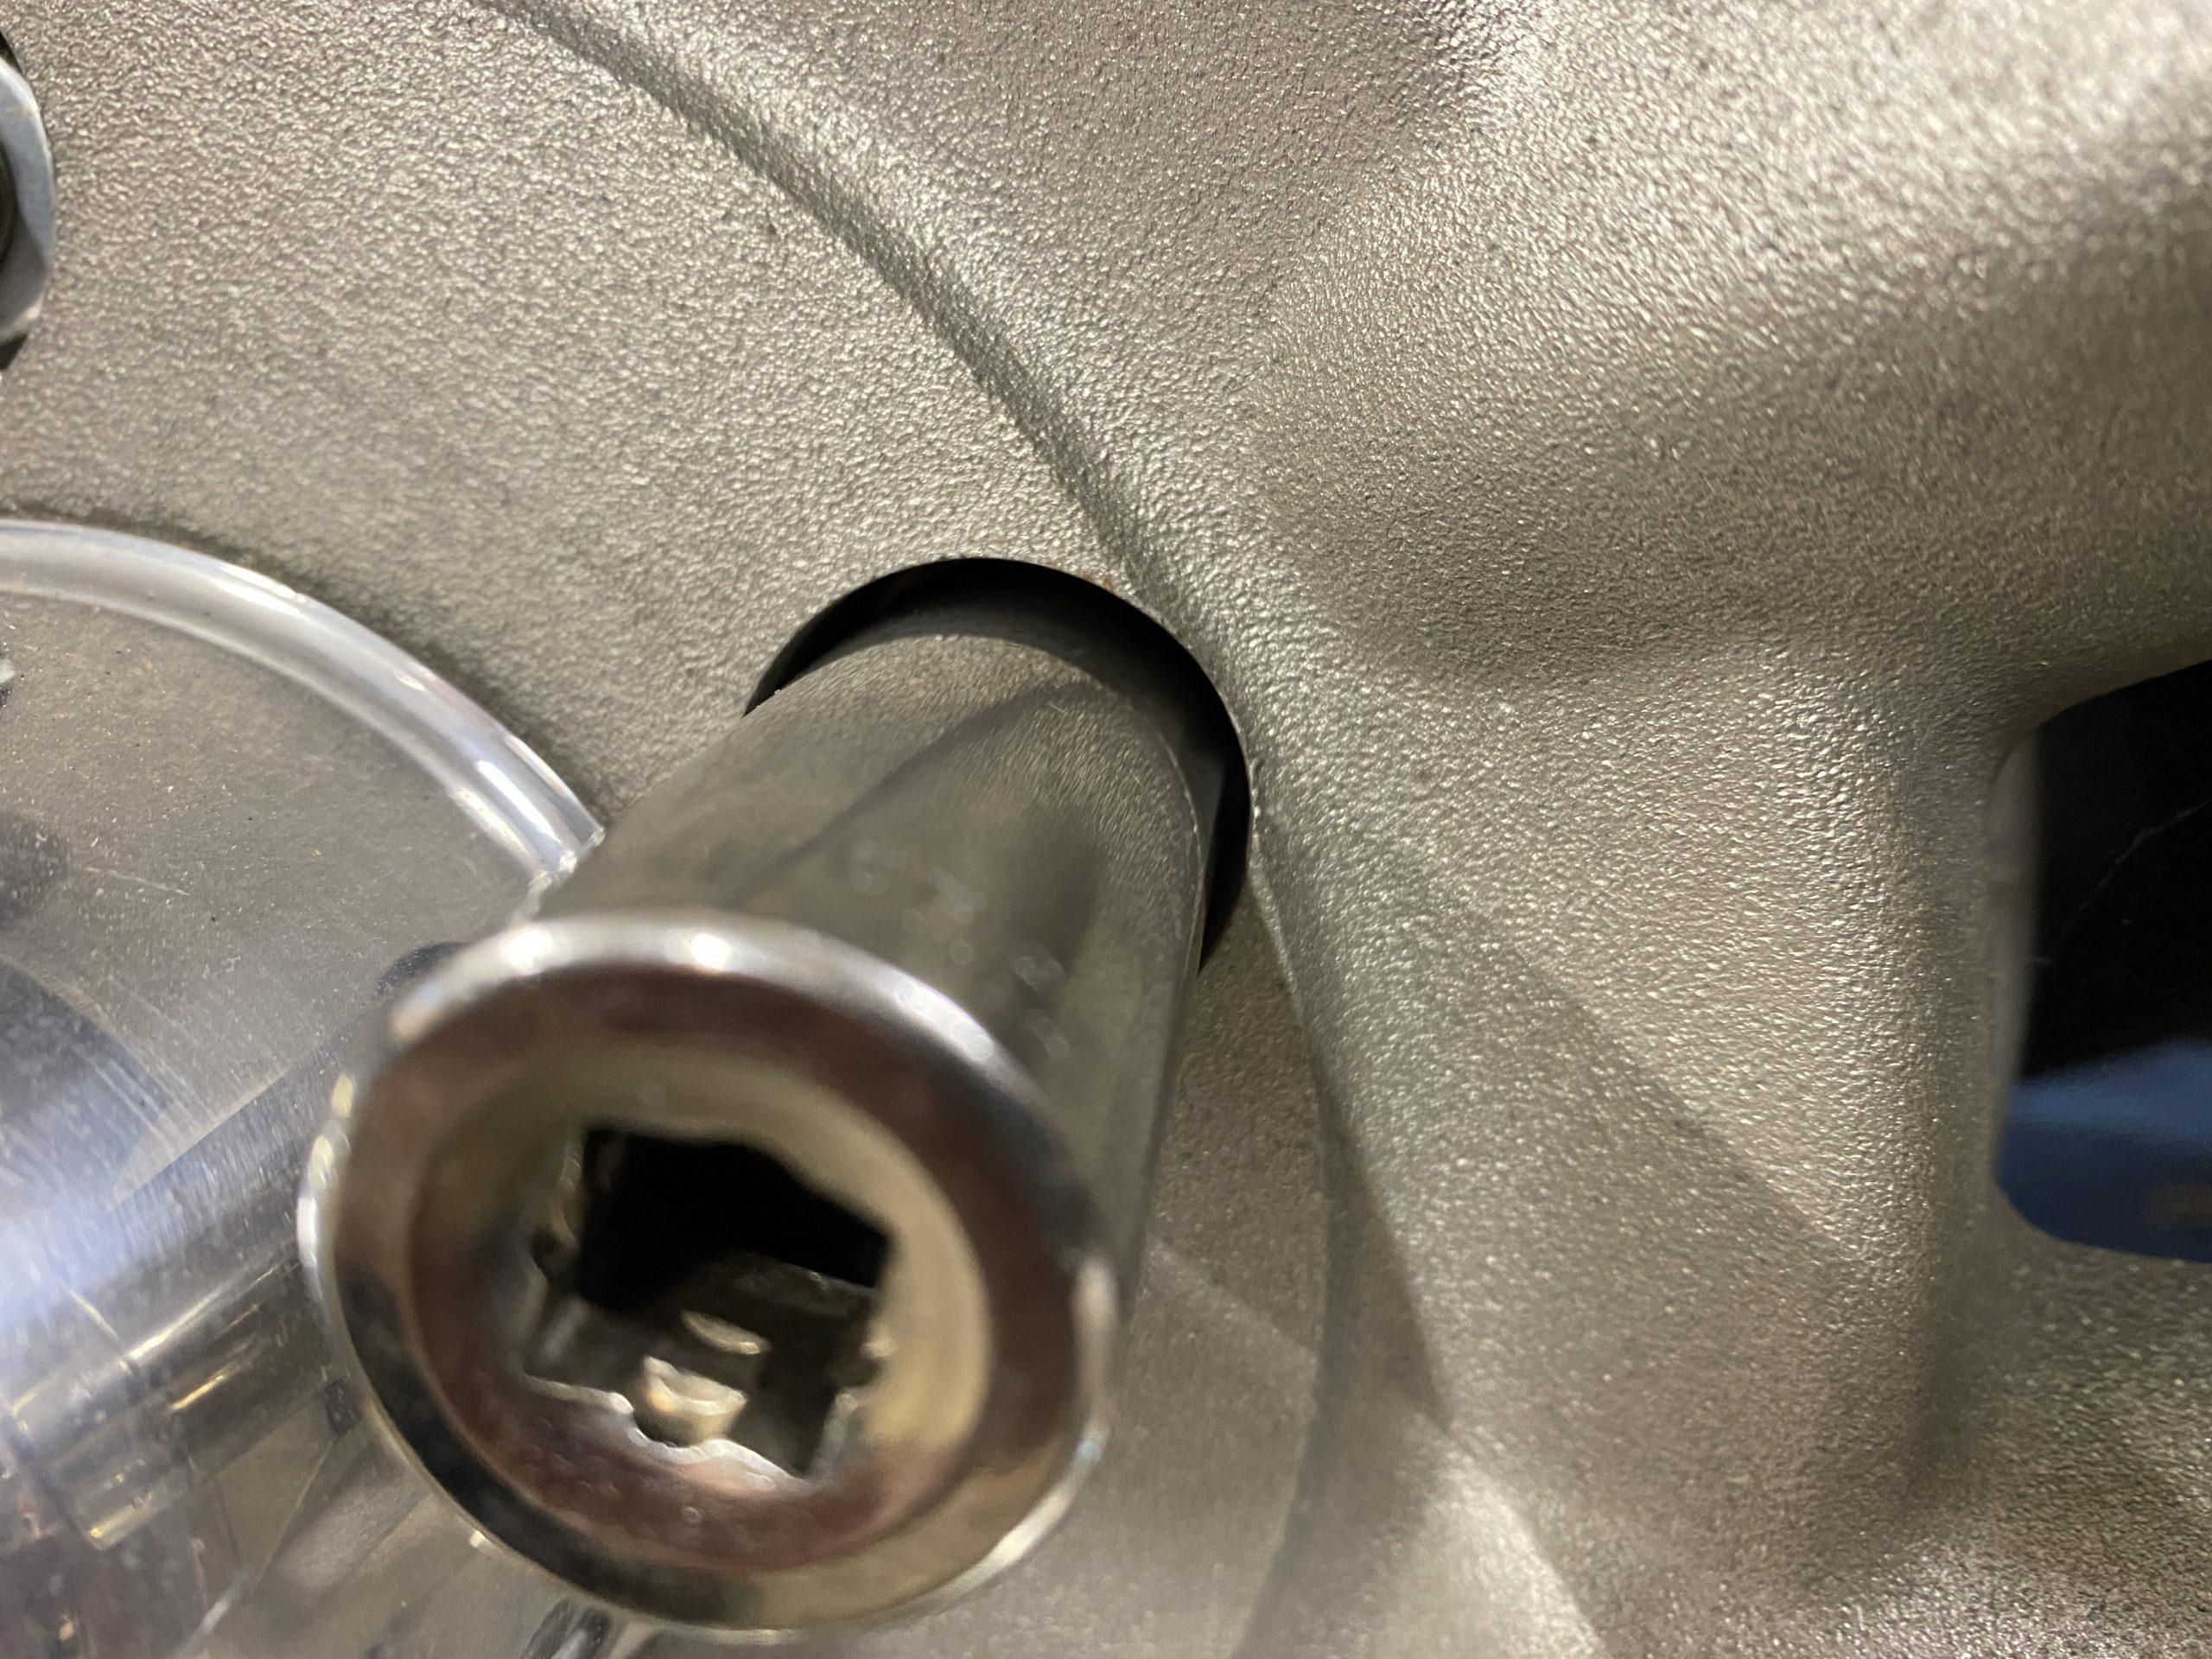 standard socket in corvair wheel